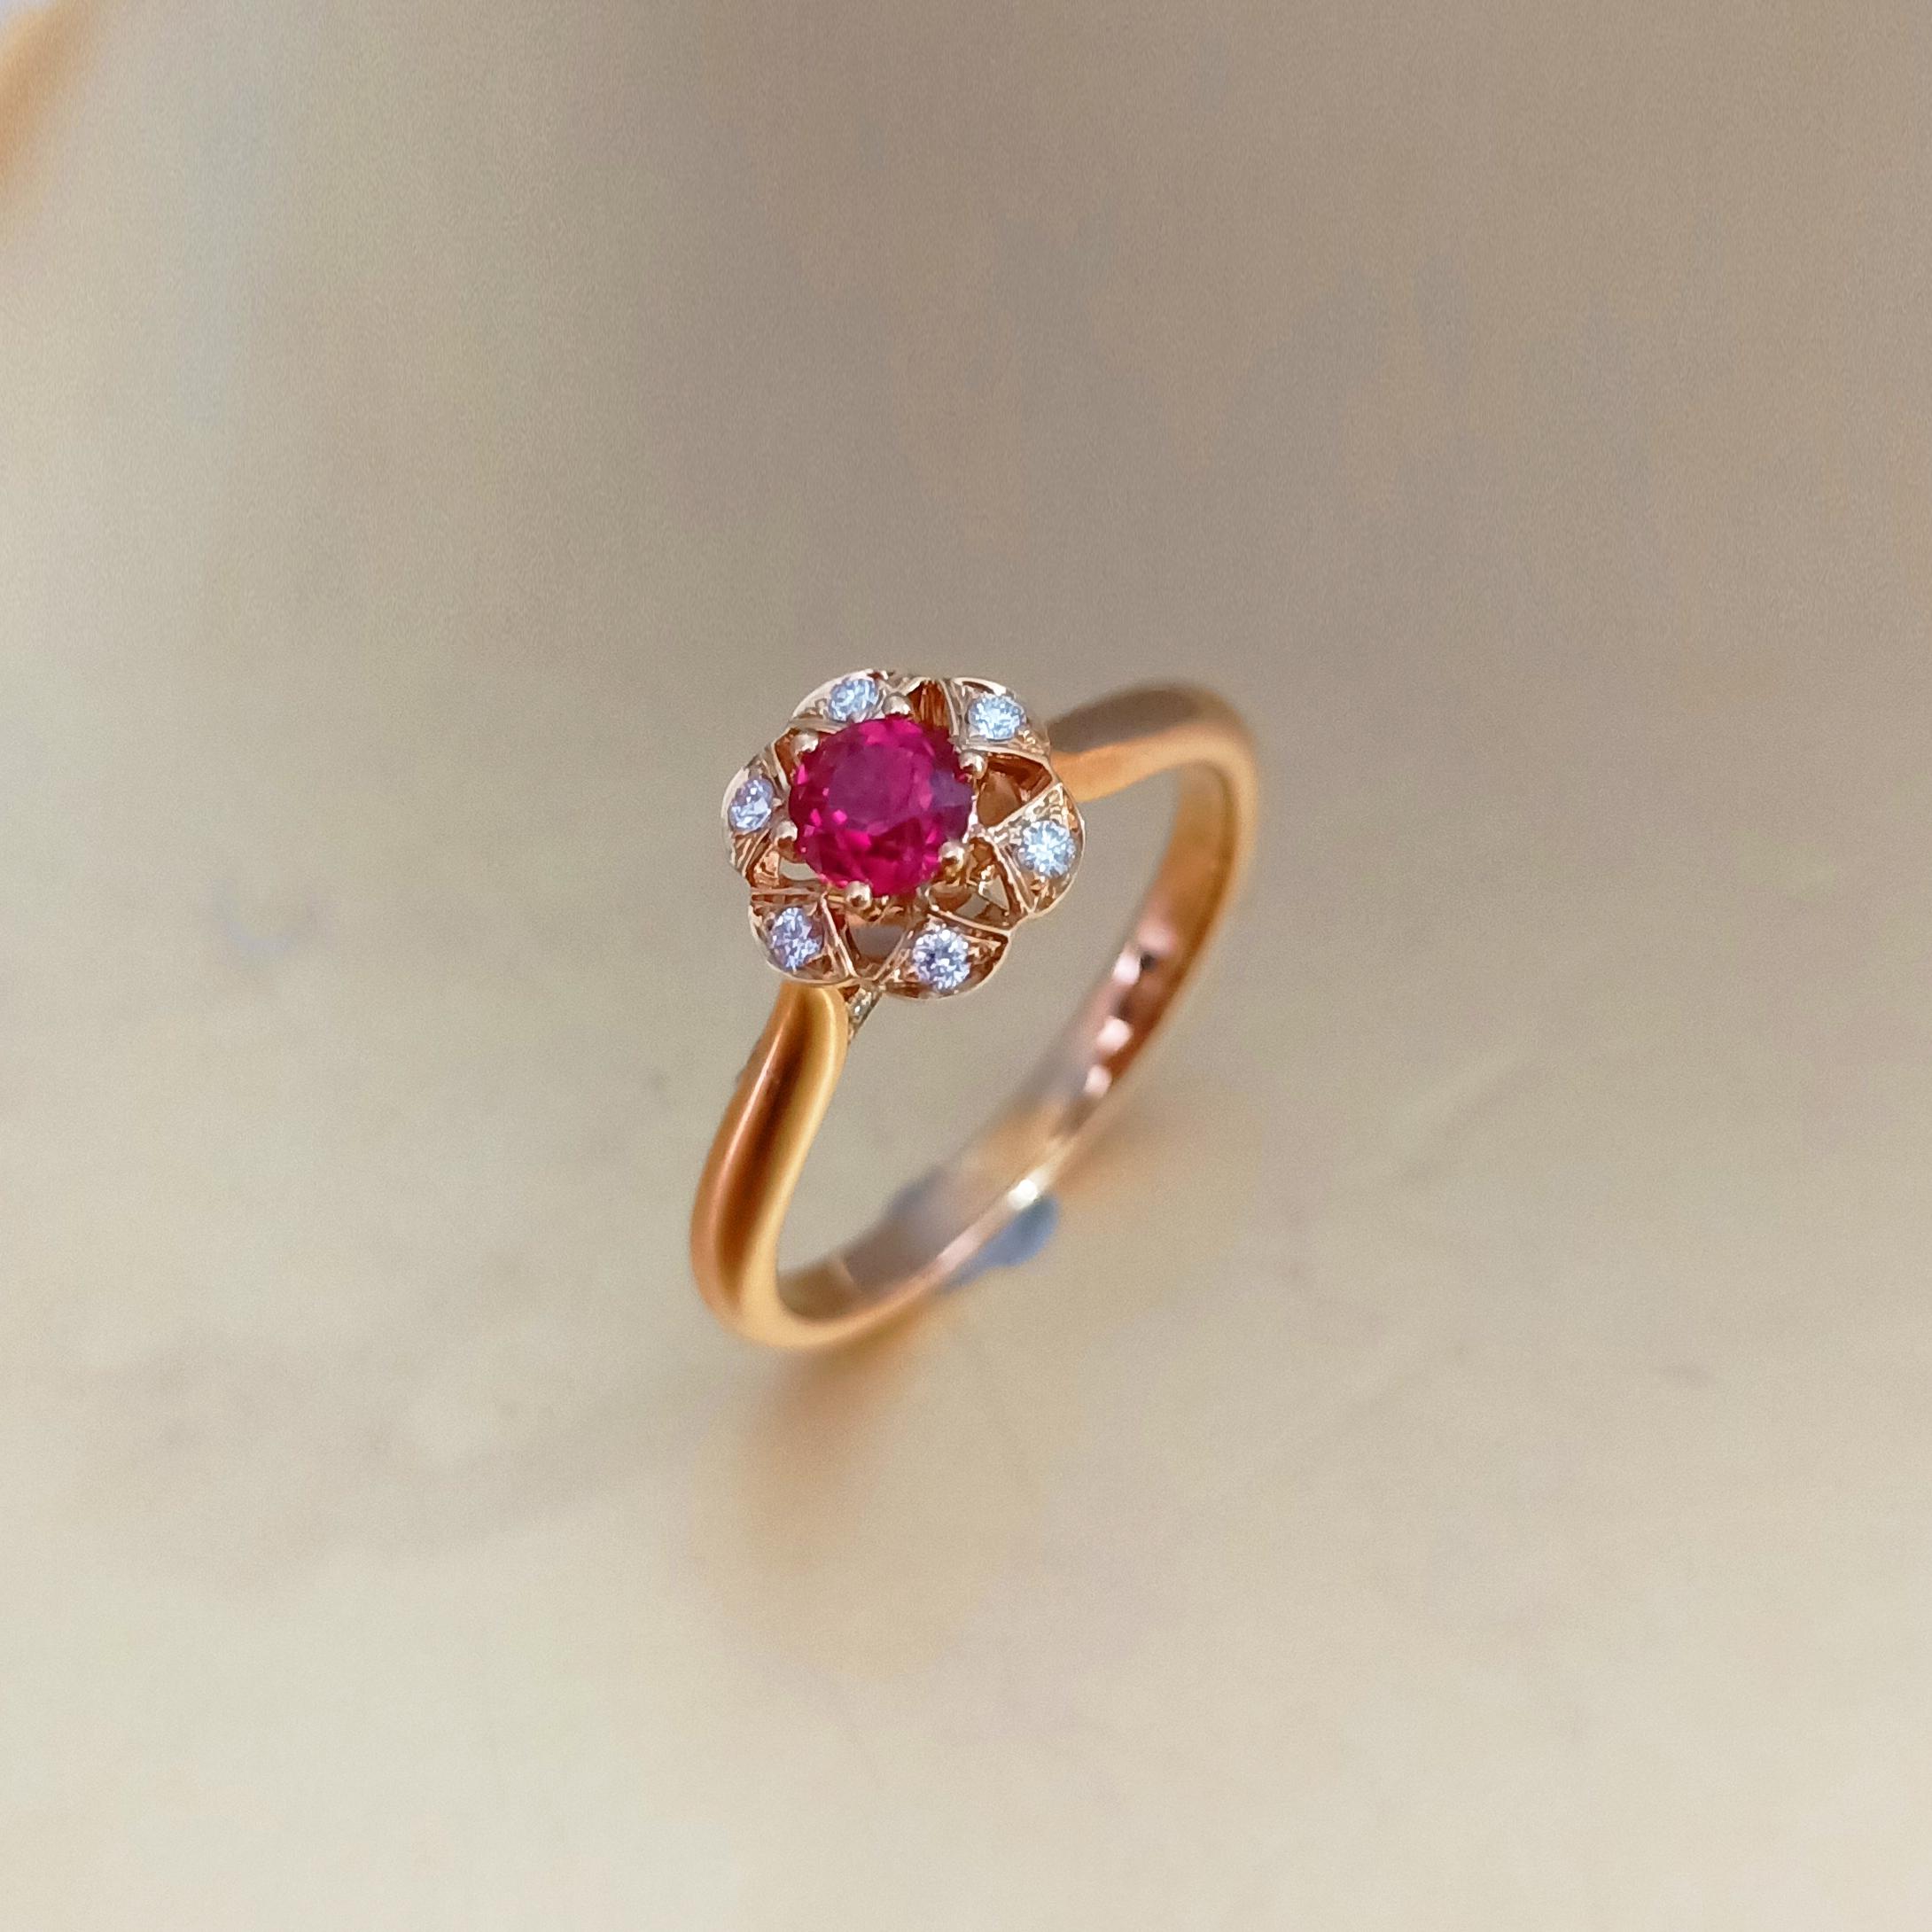 【戒指】18K金+红宝石+钻石 宝石颜色纯正 主石:0.32t/1P 货重:2.70g